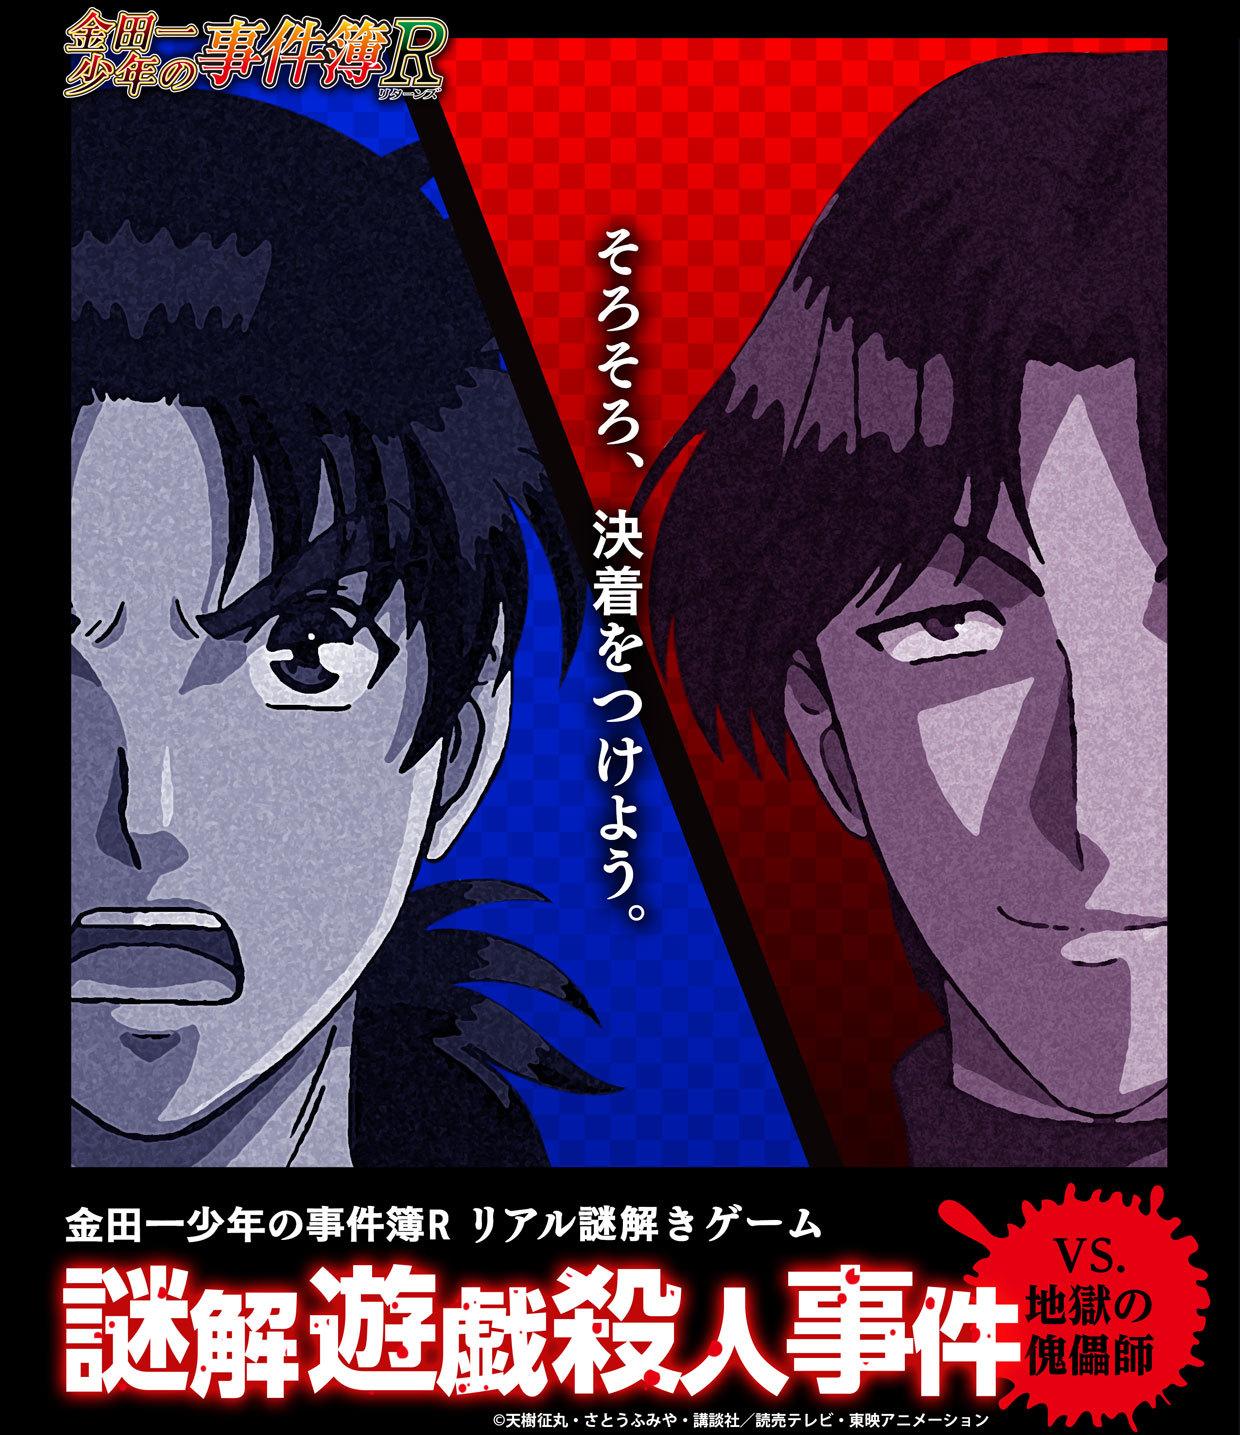 「金田一少年の事件簿R」リアル謎解きゲーム 『謎解遊戯殺人事件』